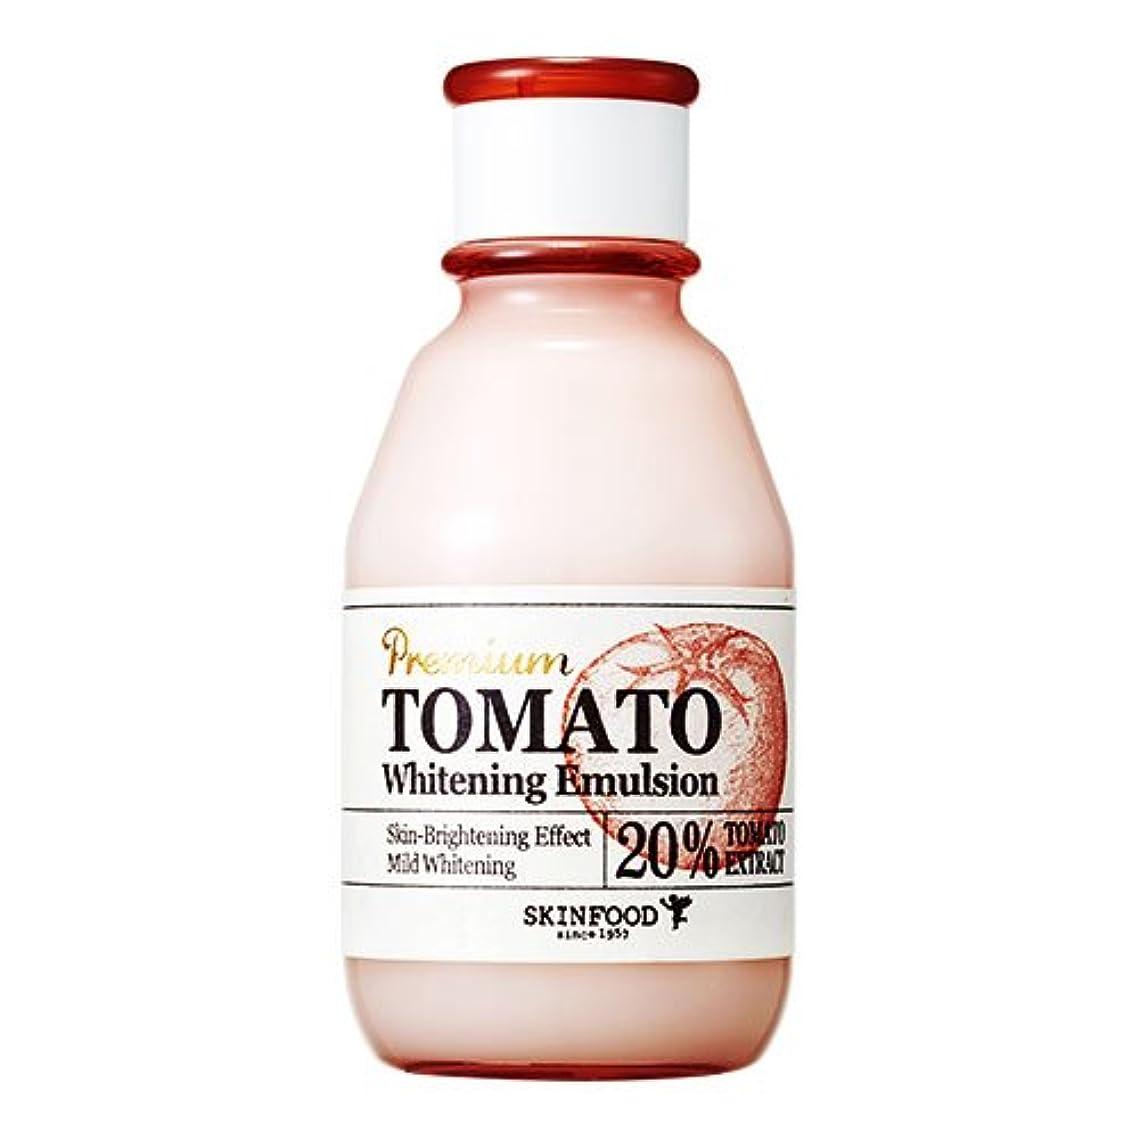 複製申し込む温帯[スキンフード] SKINFOOD プレミアムトマトホワイトニングエマルジョン Premium Tomato Whitening Emulsion (海外直送品) [並行輸入品]